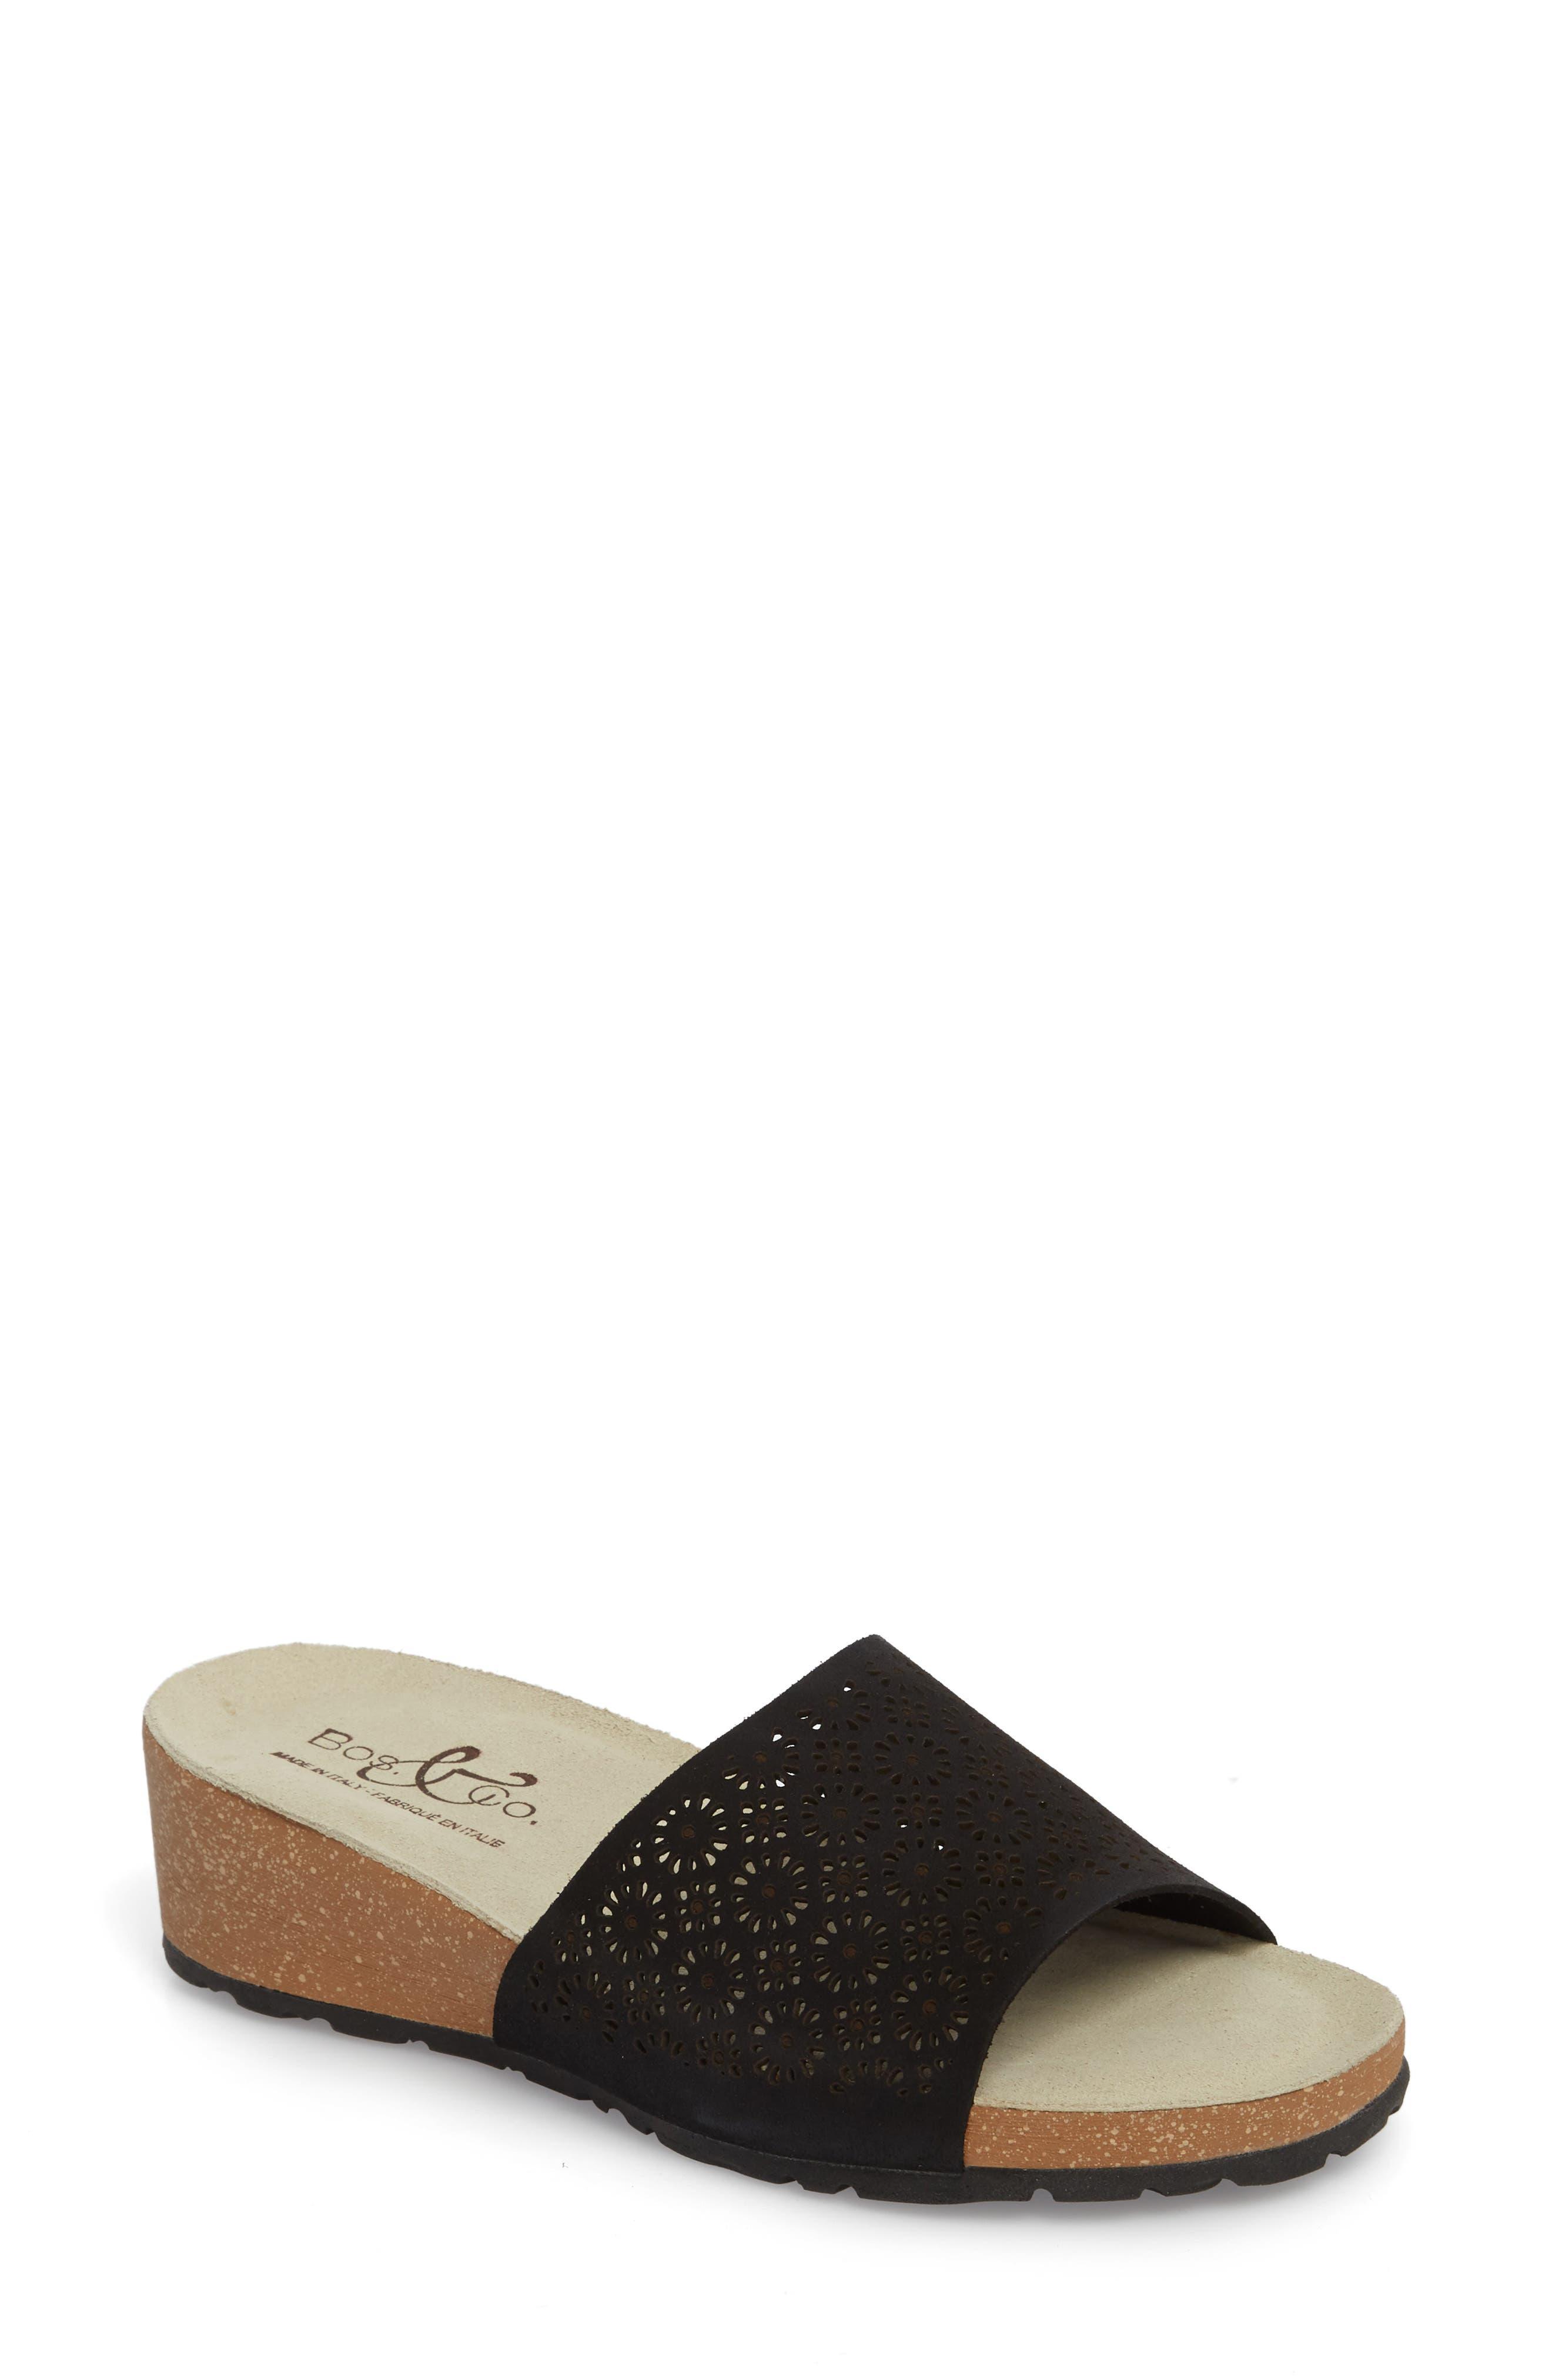 Loa Wedge Slide Sandal,                             Main thumbnail 1, color,                             BLACK SUEDE